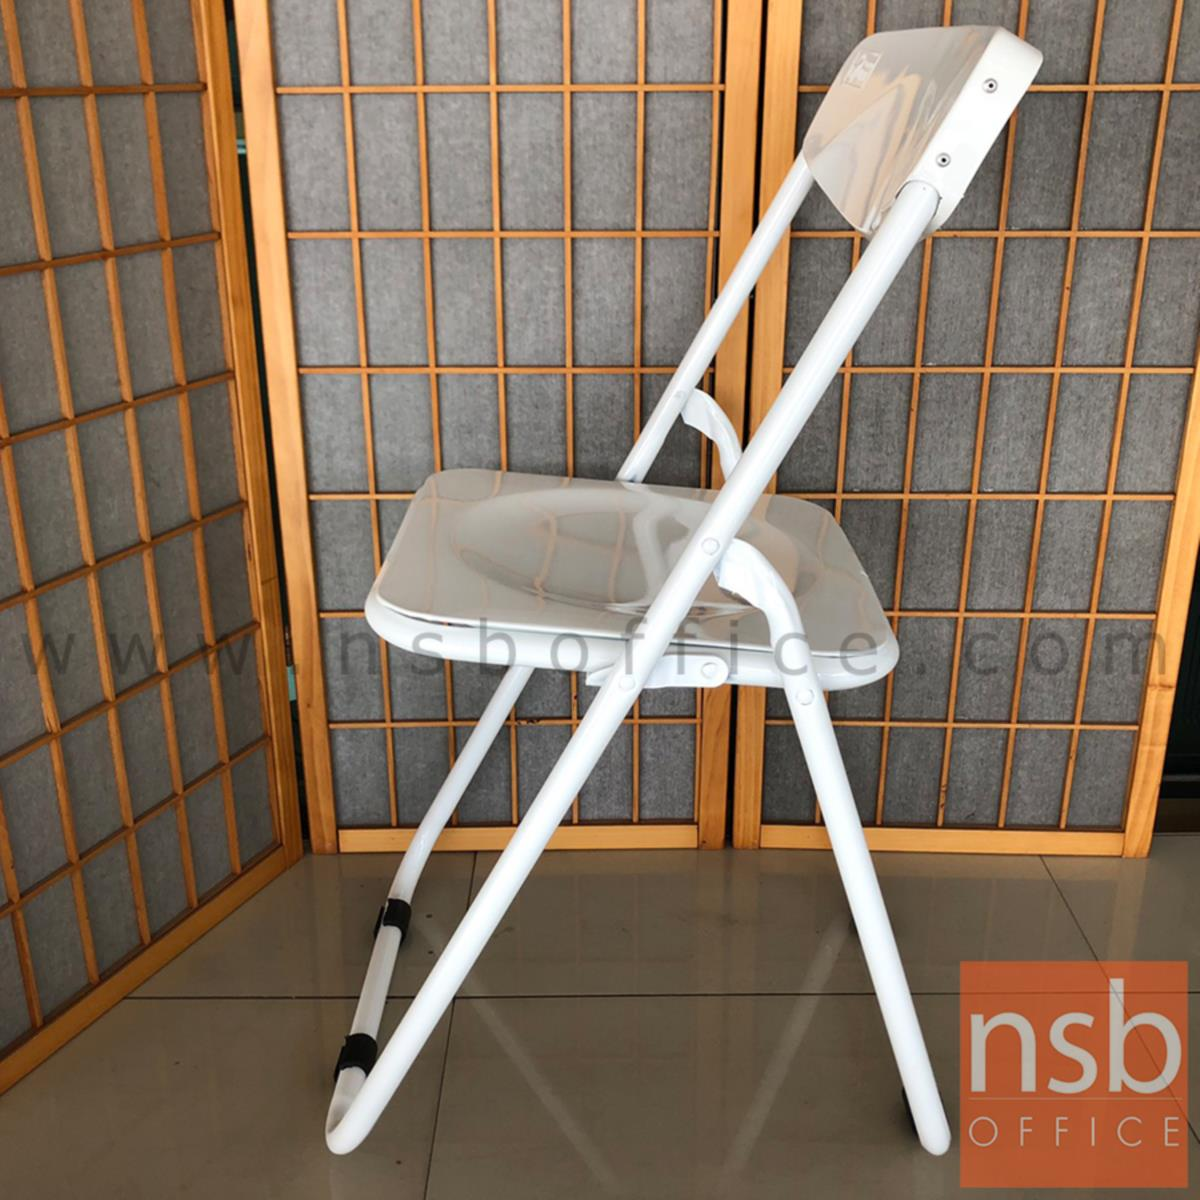 เก้าอี้พับที่นั่งเหล็ก รุ่น Lucas (ลูคัส) โครงเหล็ก (บรรจุกล่องละ 4 ตัว)